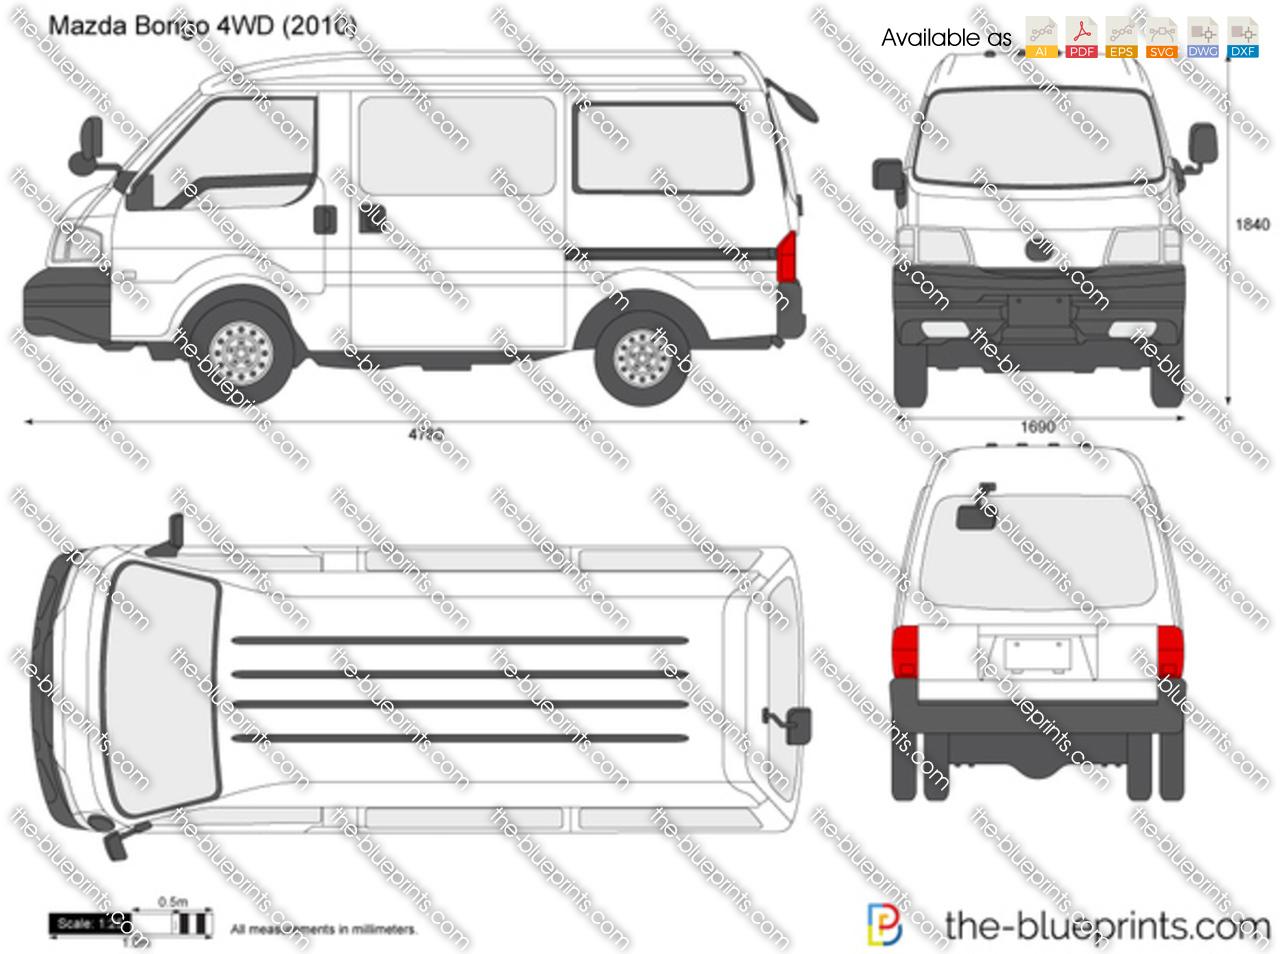 Mazda Bongo 4WD 2015